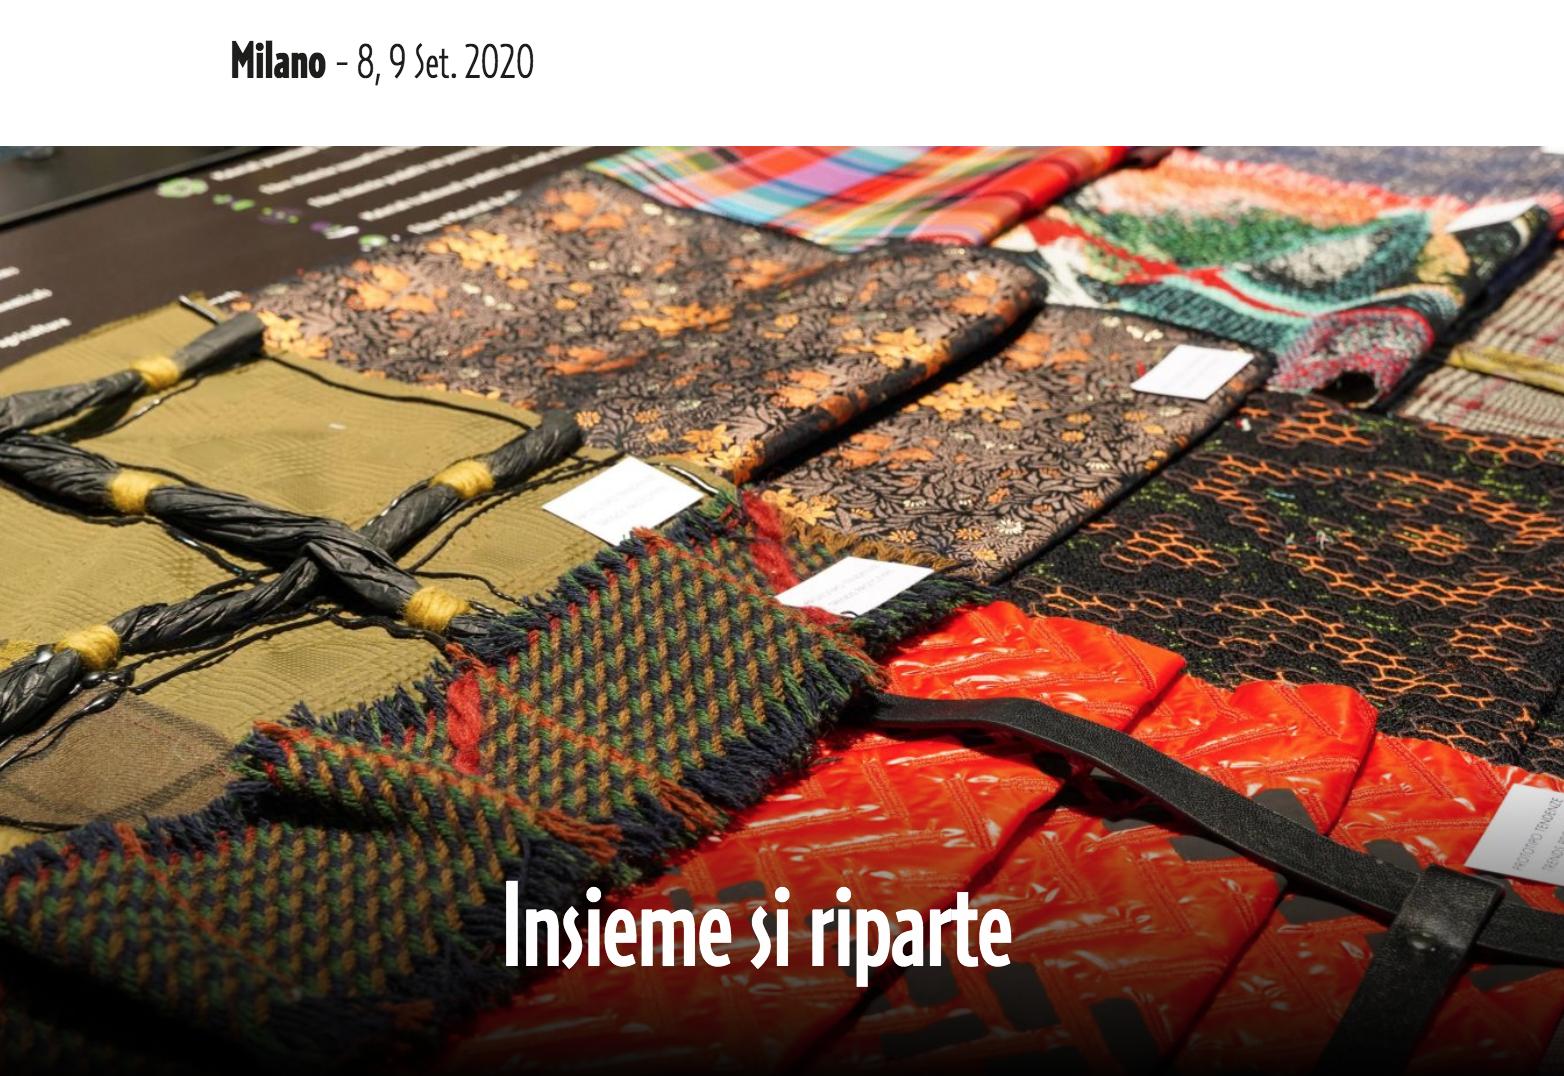 疫情解封后意大利首个纺织面料展  Milano Unica 迎来2400多名买家